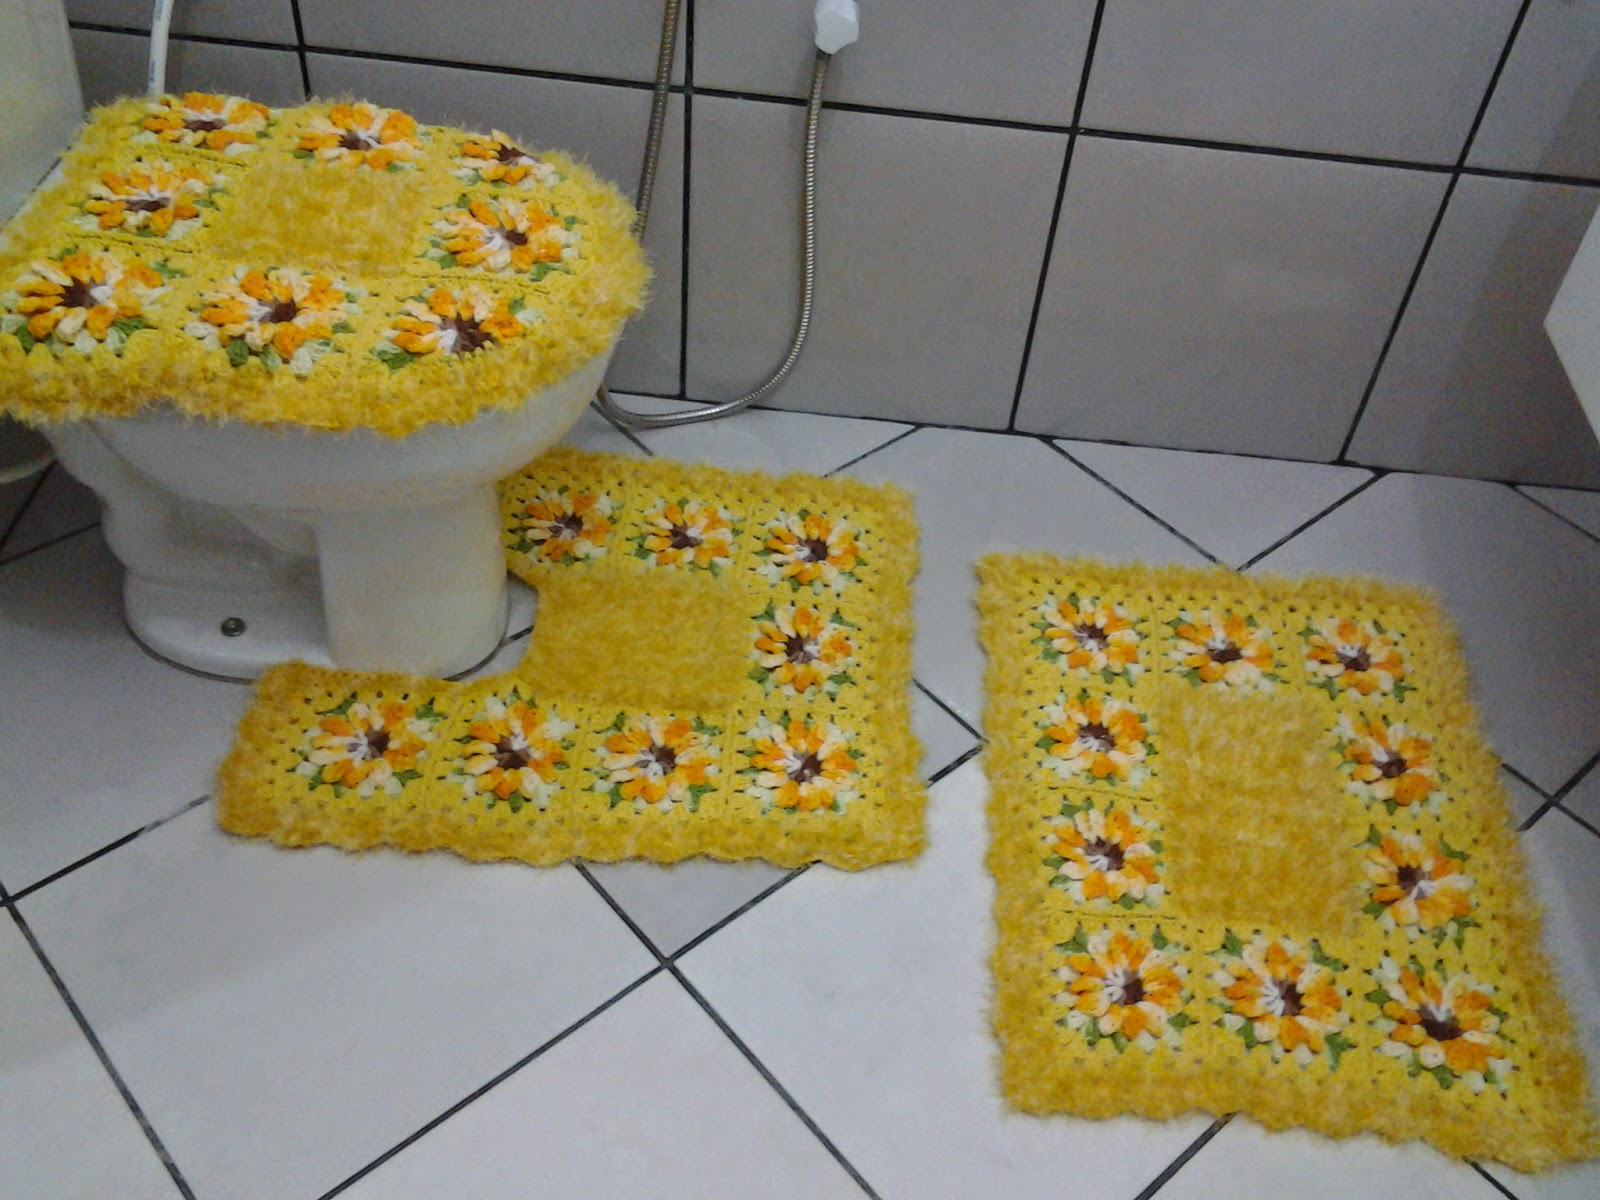 tapetes da regina tavares: jogo de banheiro amarelo #A68725 1600 1200